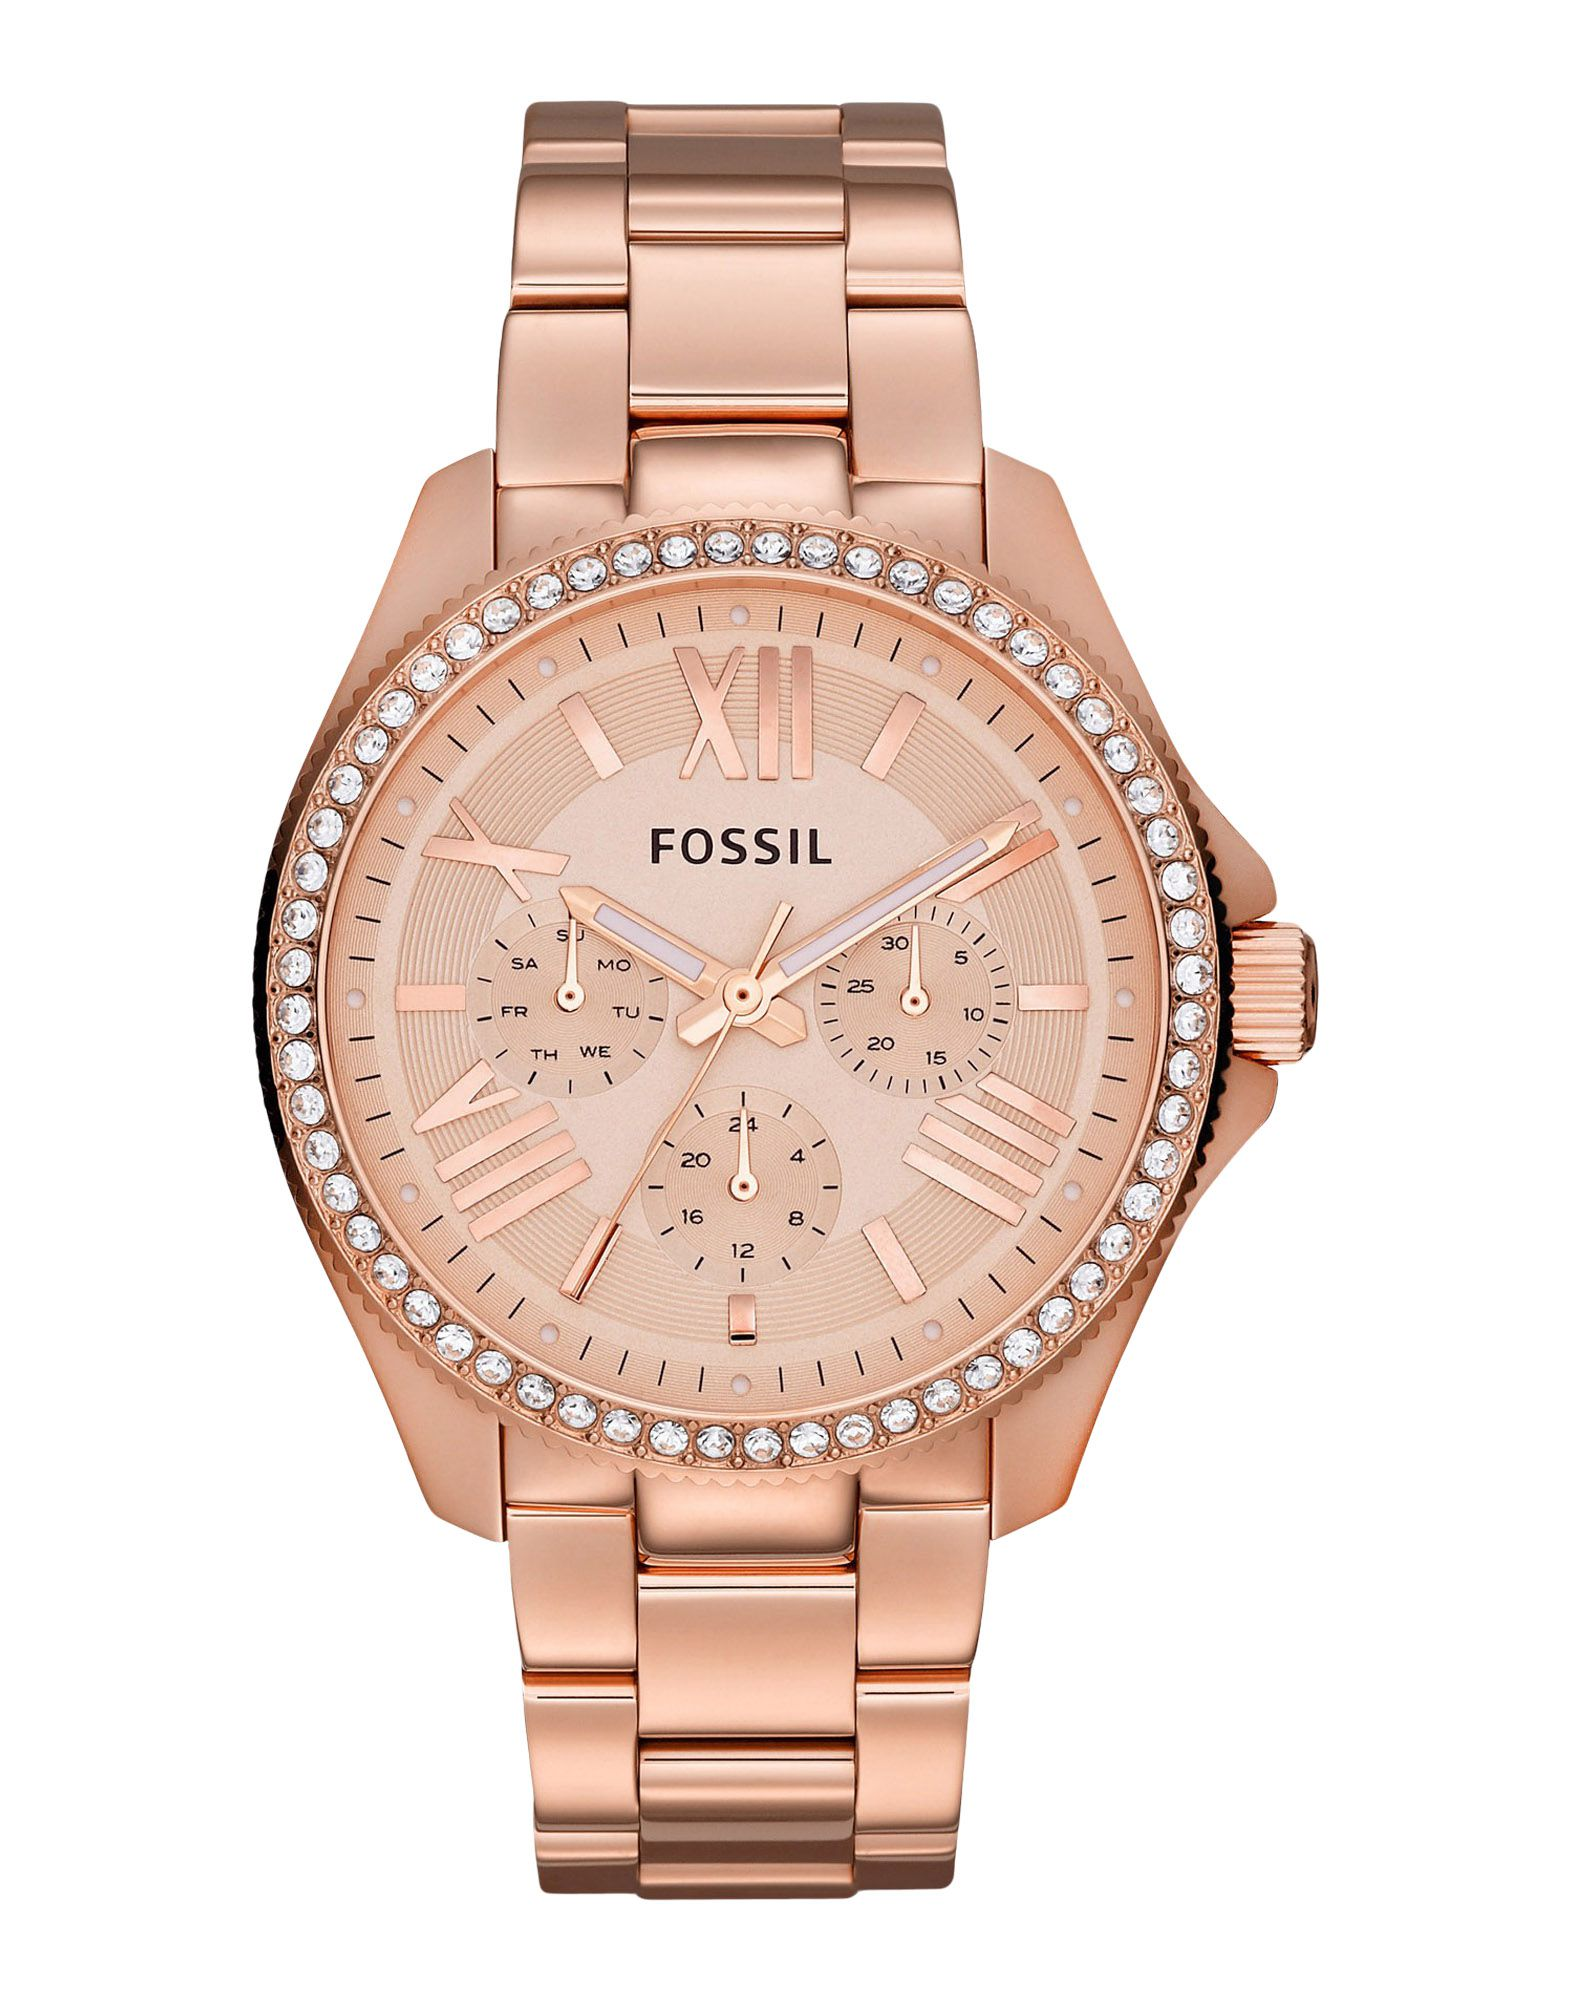 FOSSIL Наручные часы часы наручные storm часы hydroxisbrown47237 br